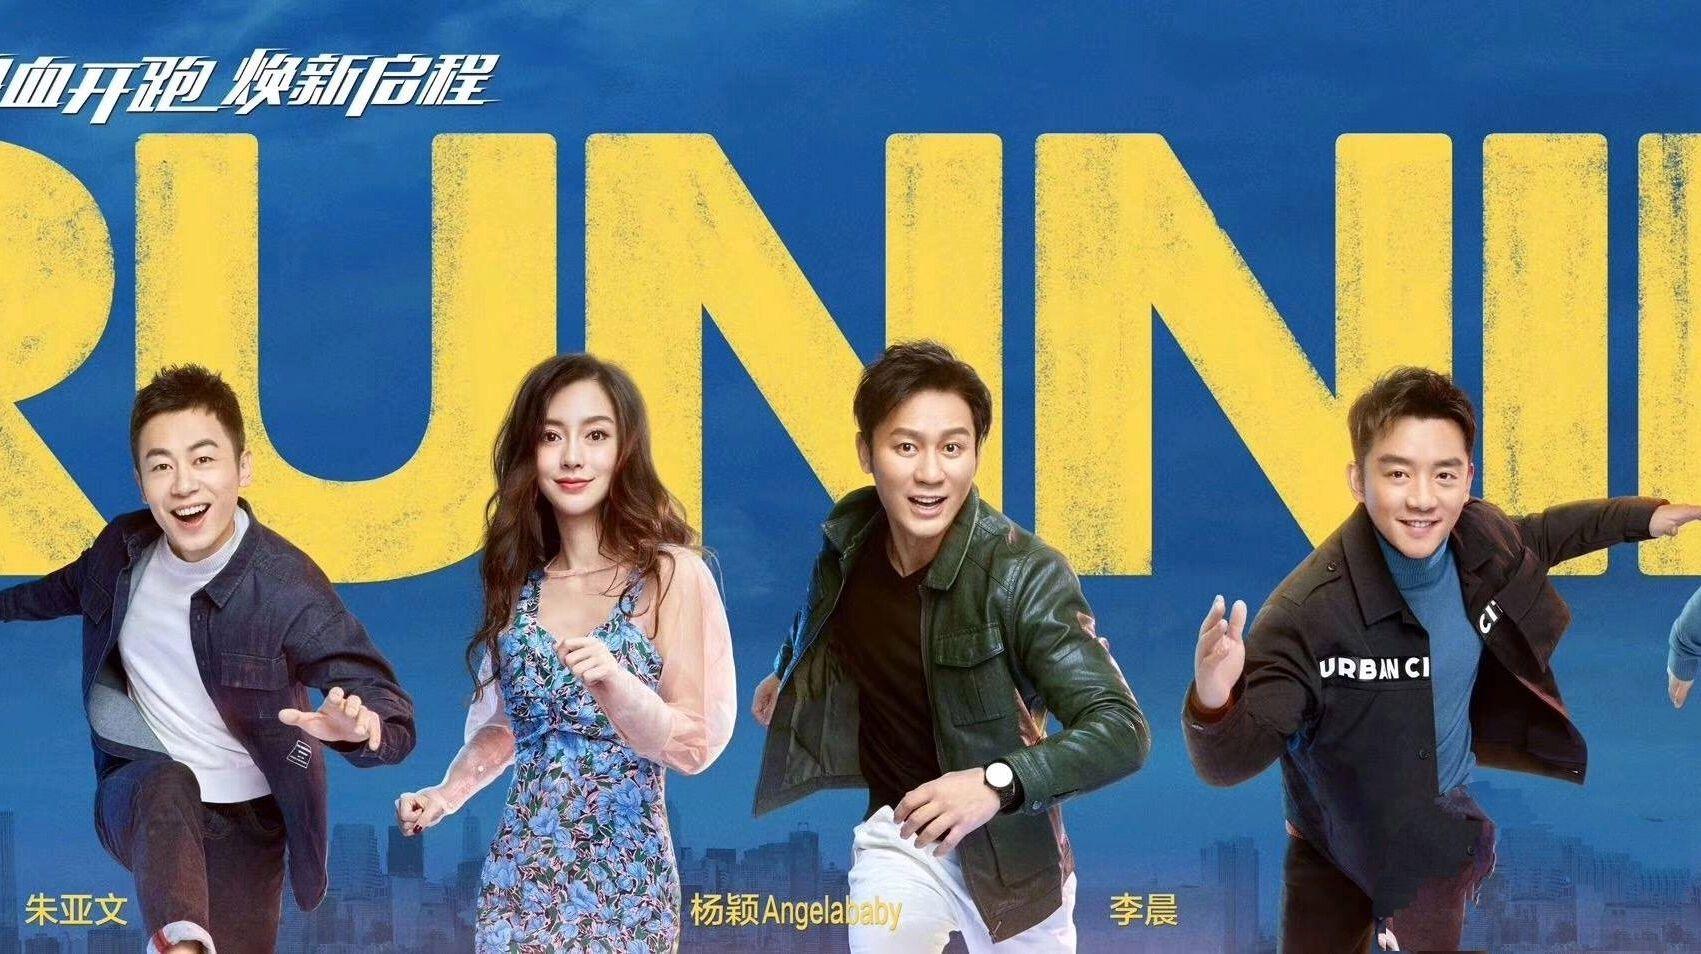 《跑男》最新一季海报首发,李晨取代邓超站C位,新人靠两边